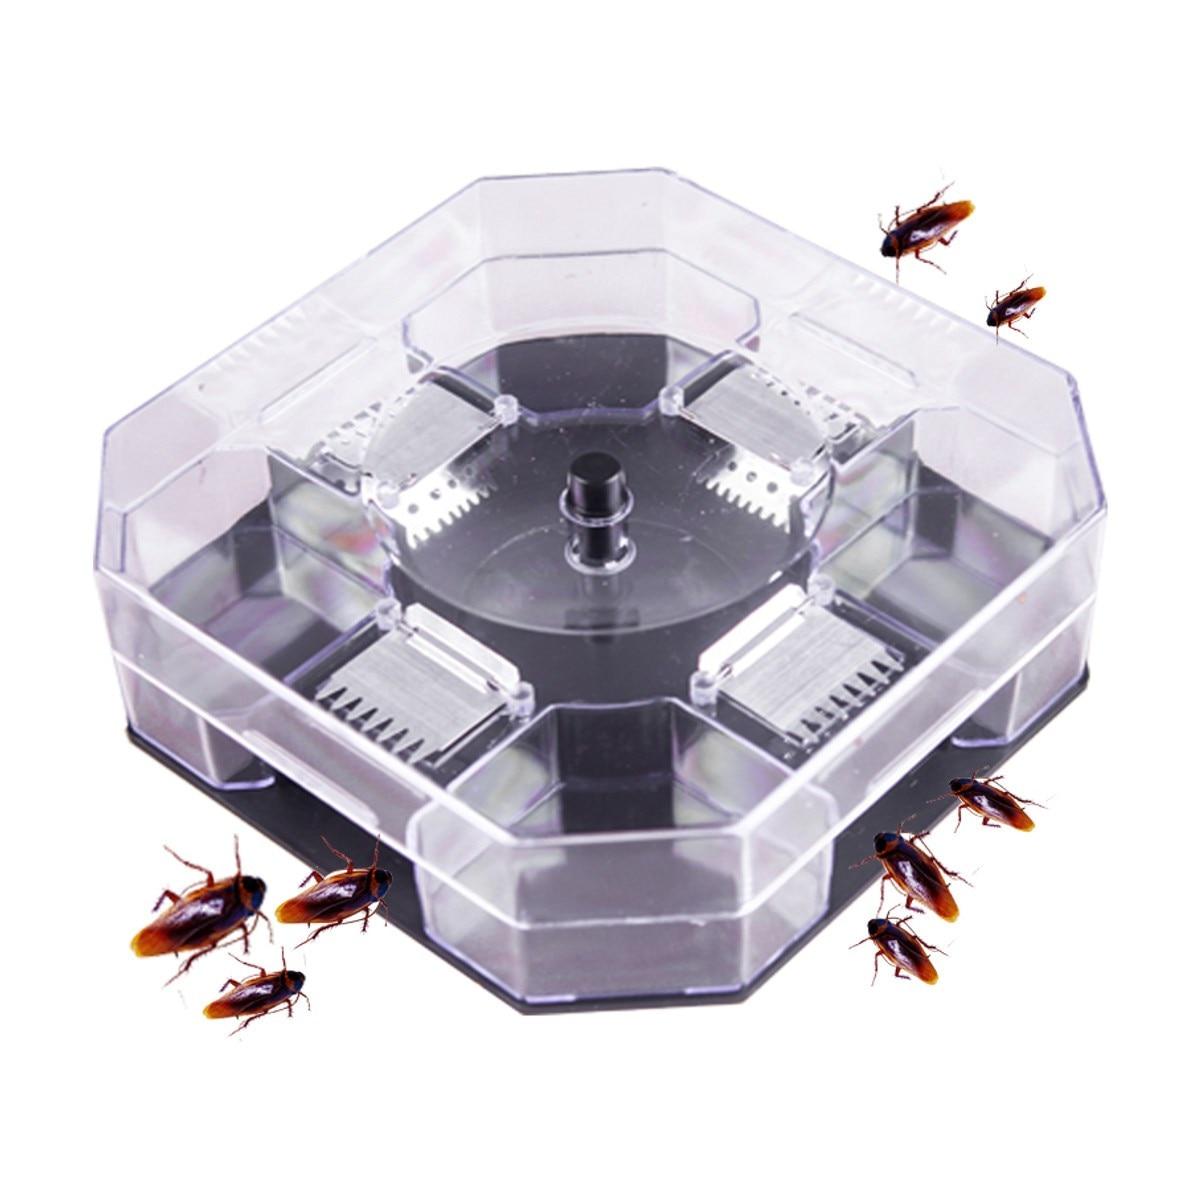 Roach için kara yemi. Roach yakalamak özellikleri